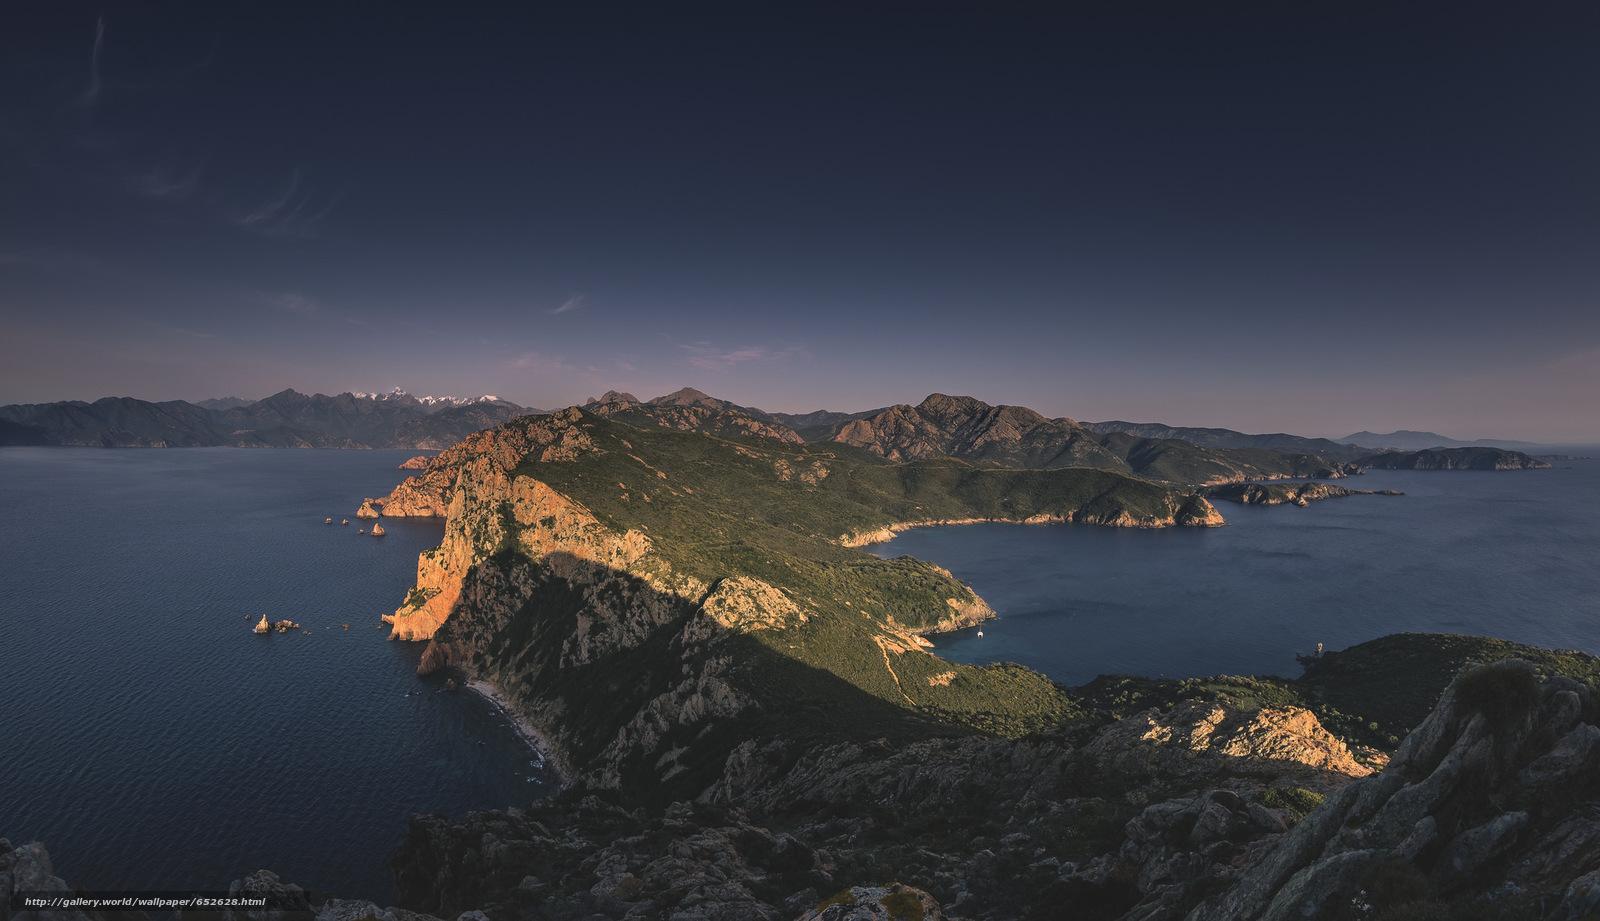 Скачать обои море,  горы,  небо бесплатно для рабочего стола в разрешении 2048x1179 — картинка №652628